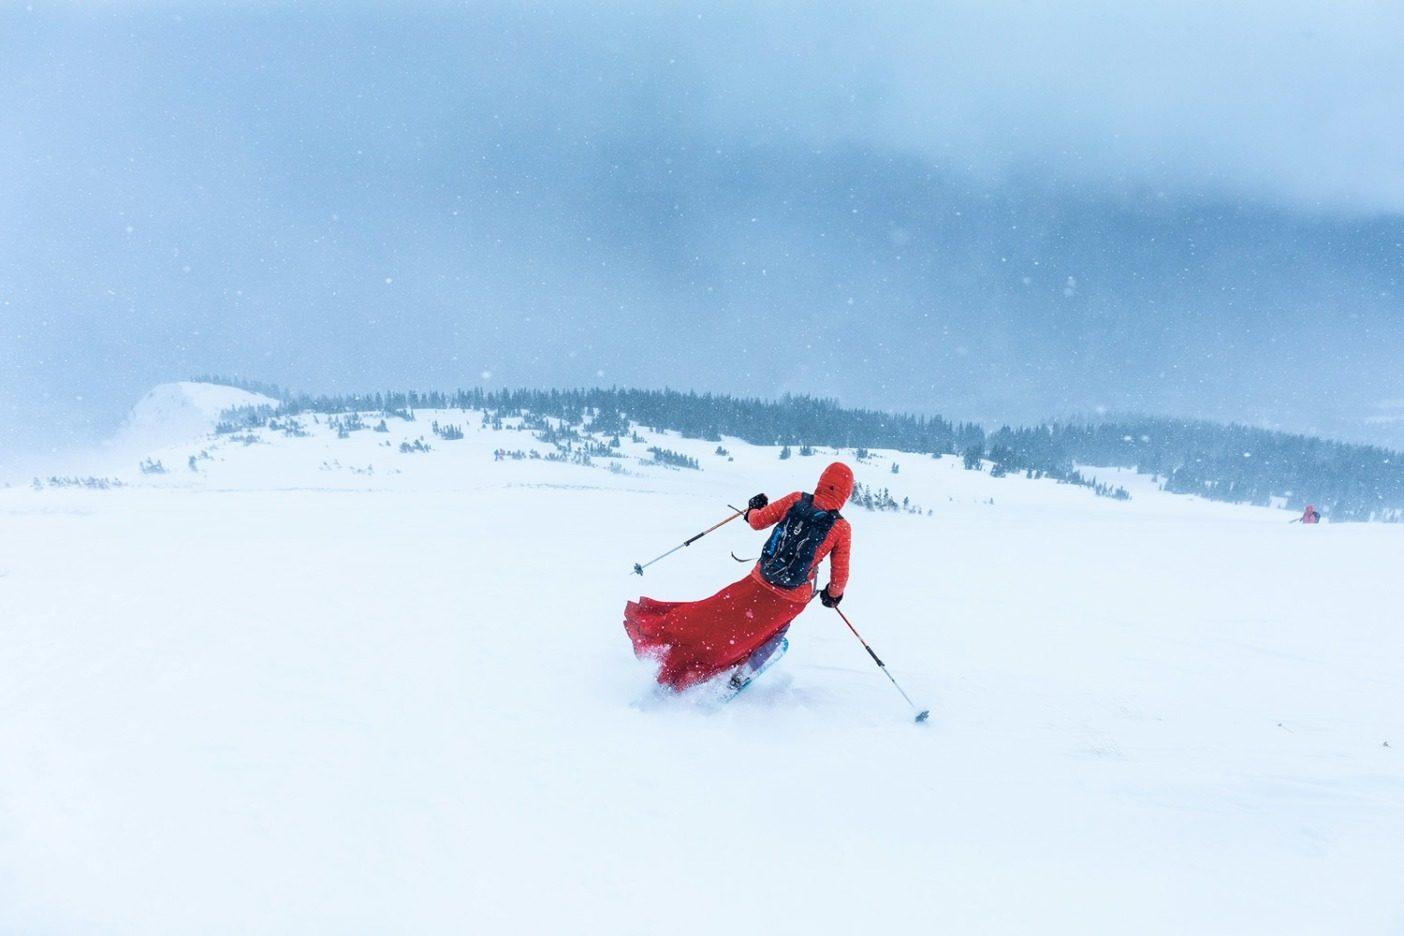 風にさらされたレッド・レディ・ ボウルの肩を滑る著者(第 35 代 「レッド・レディ」)。Photo:Forest Woodward